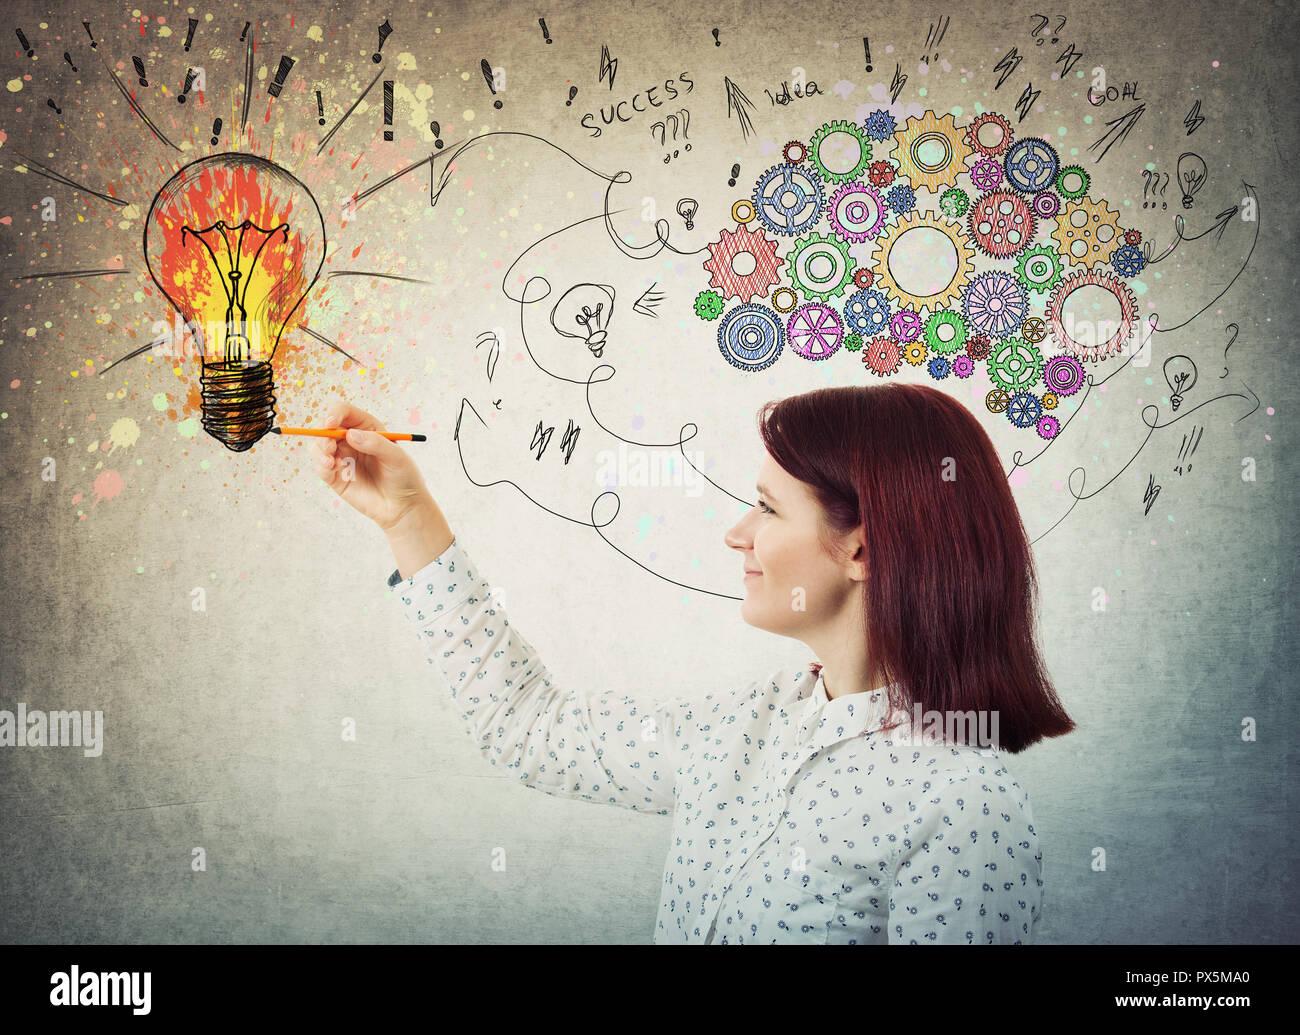 Mujer joven con colorida marcha cerebro por encima de la cabeza, emociones positivas, dibujando una idea genial como flechas y curvas van a una bombilla de luz salpicaduras de color. Conc Imagen De Stock